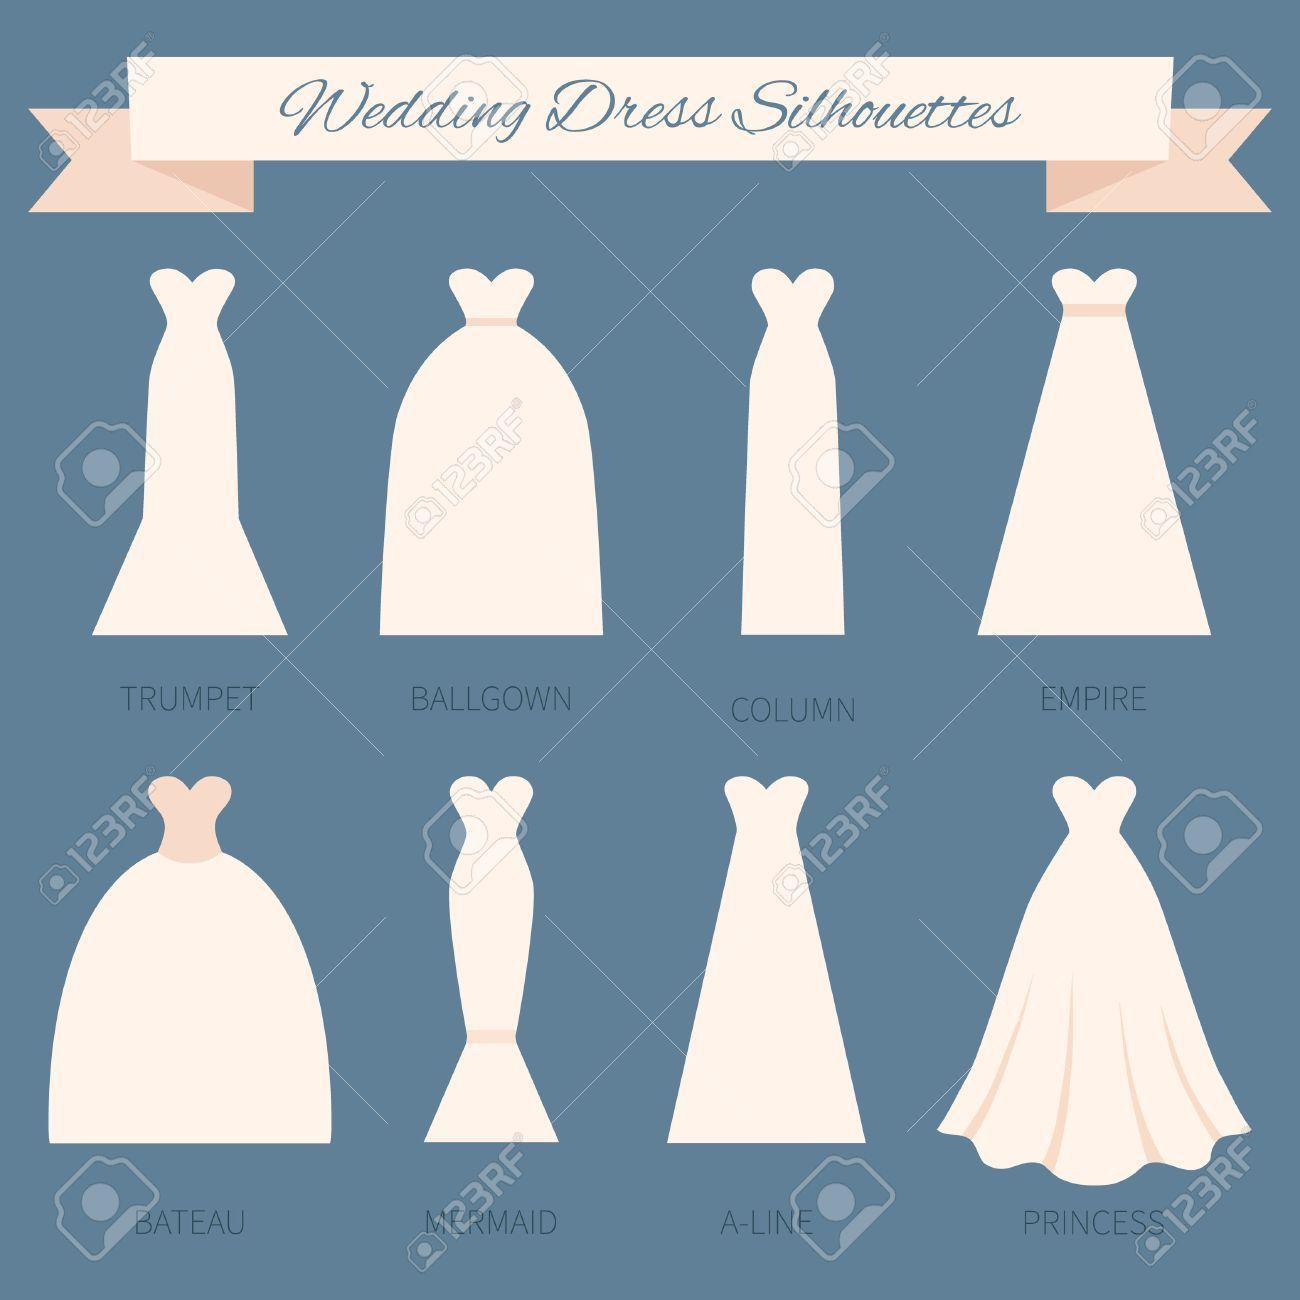 Related image  Hochzeitskleidarten, Arten von hochzeitskleidern